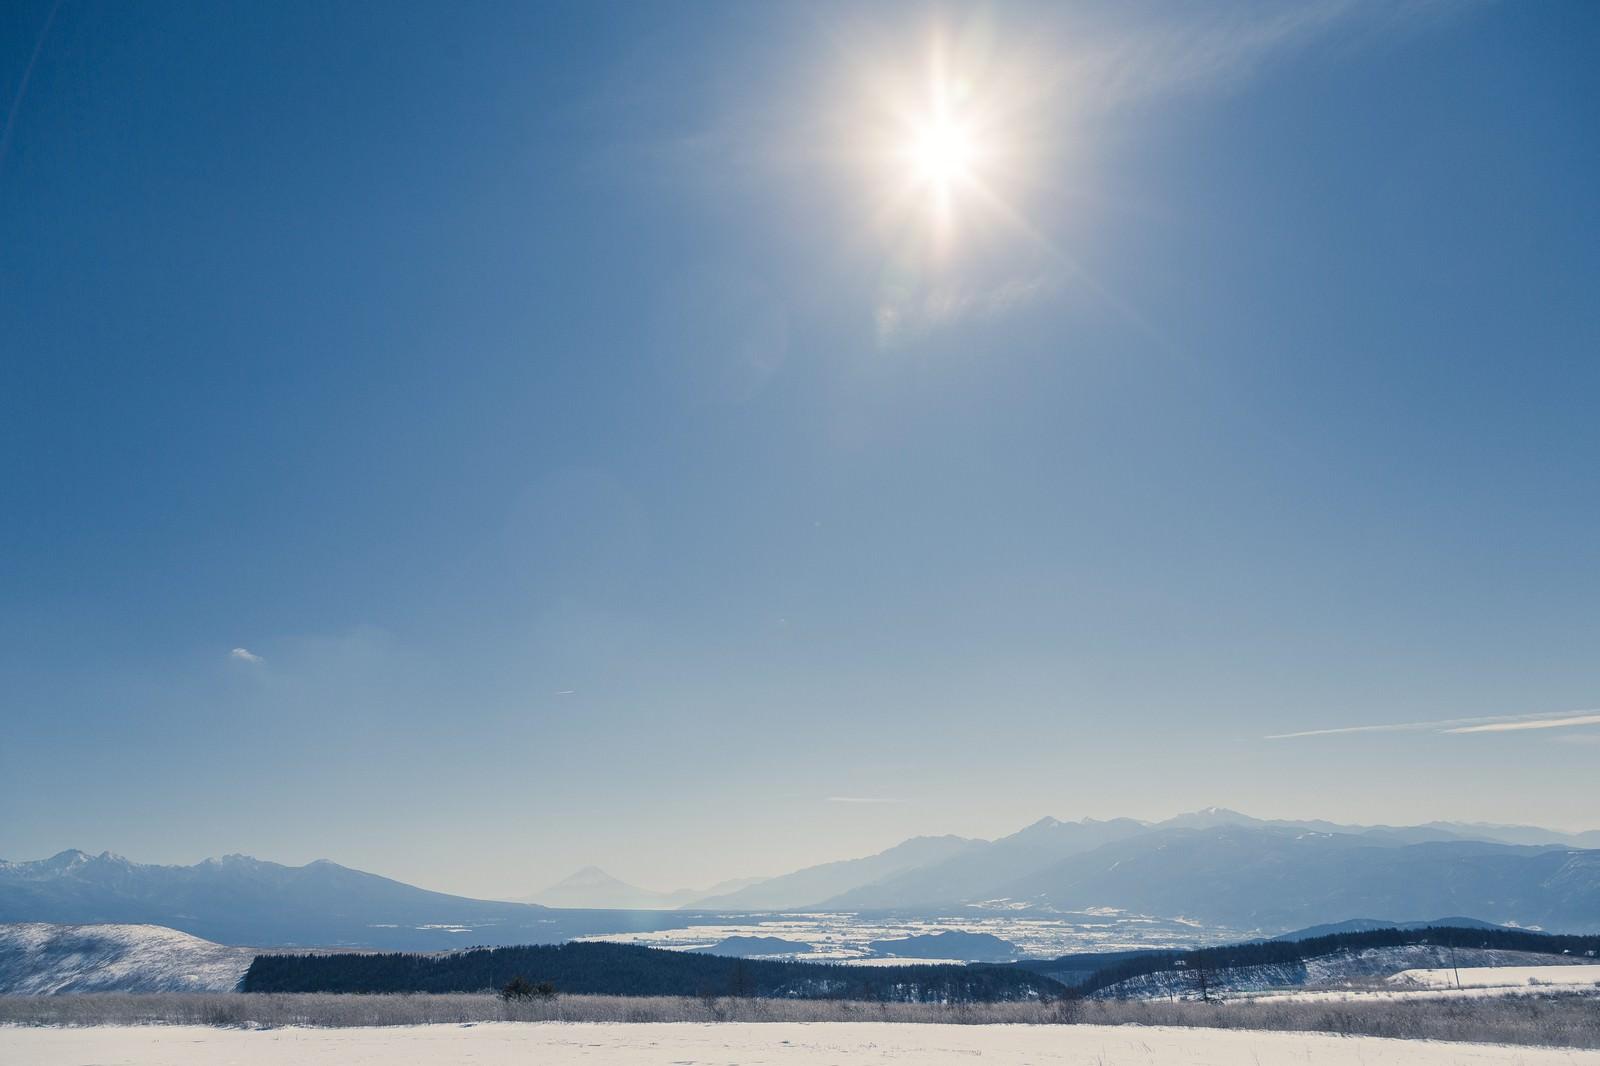 「雪山からの風景」の写真